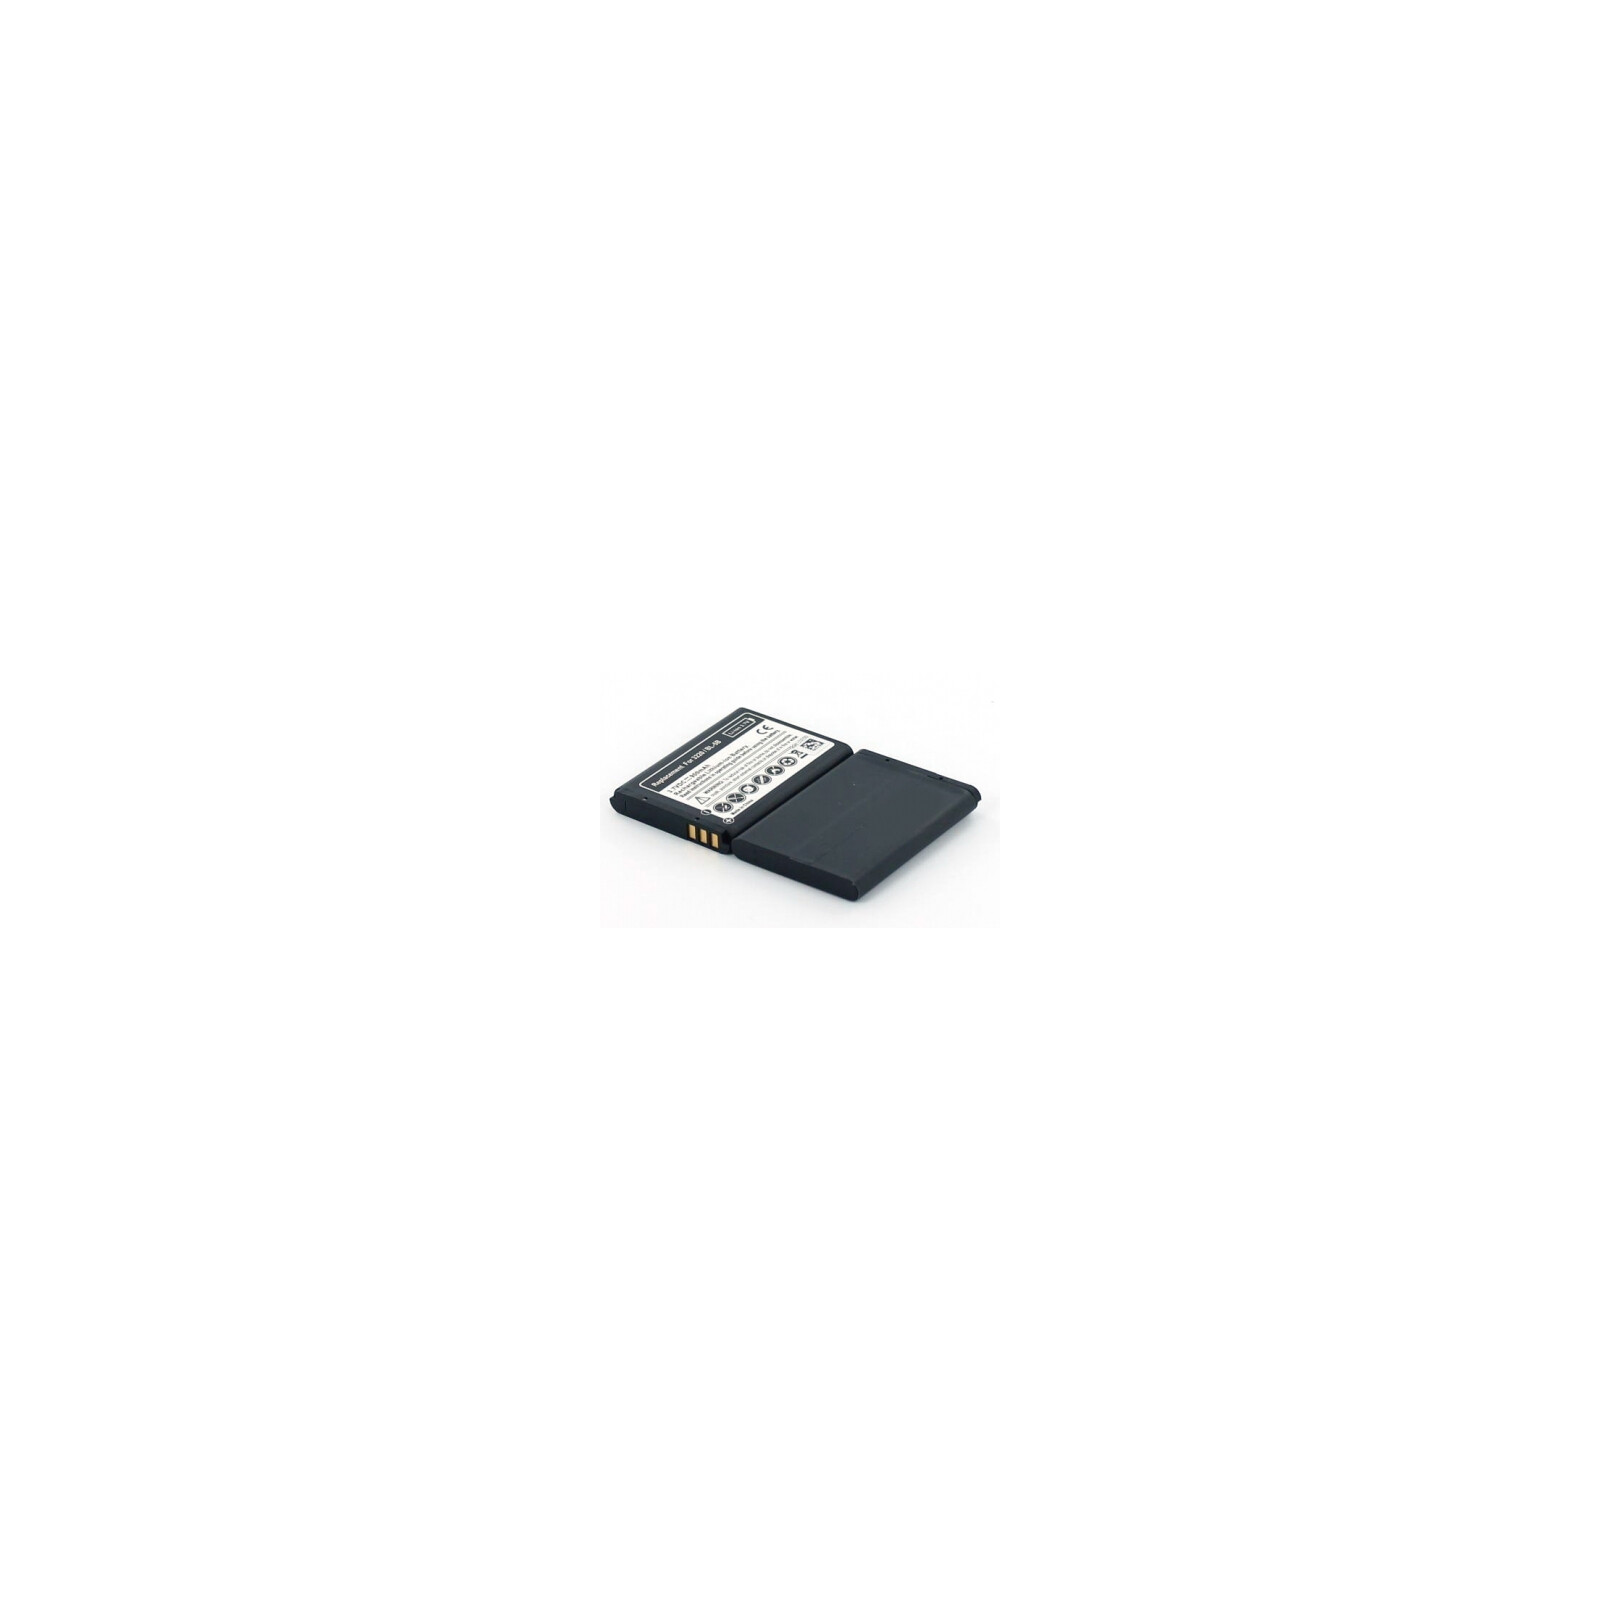 AGI Akku Nokia 6080 720mAh